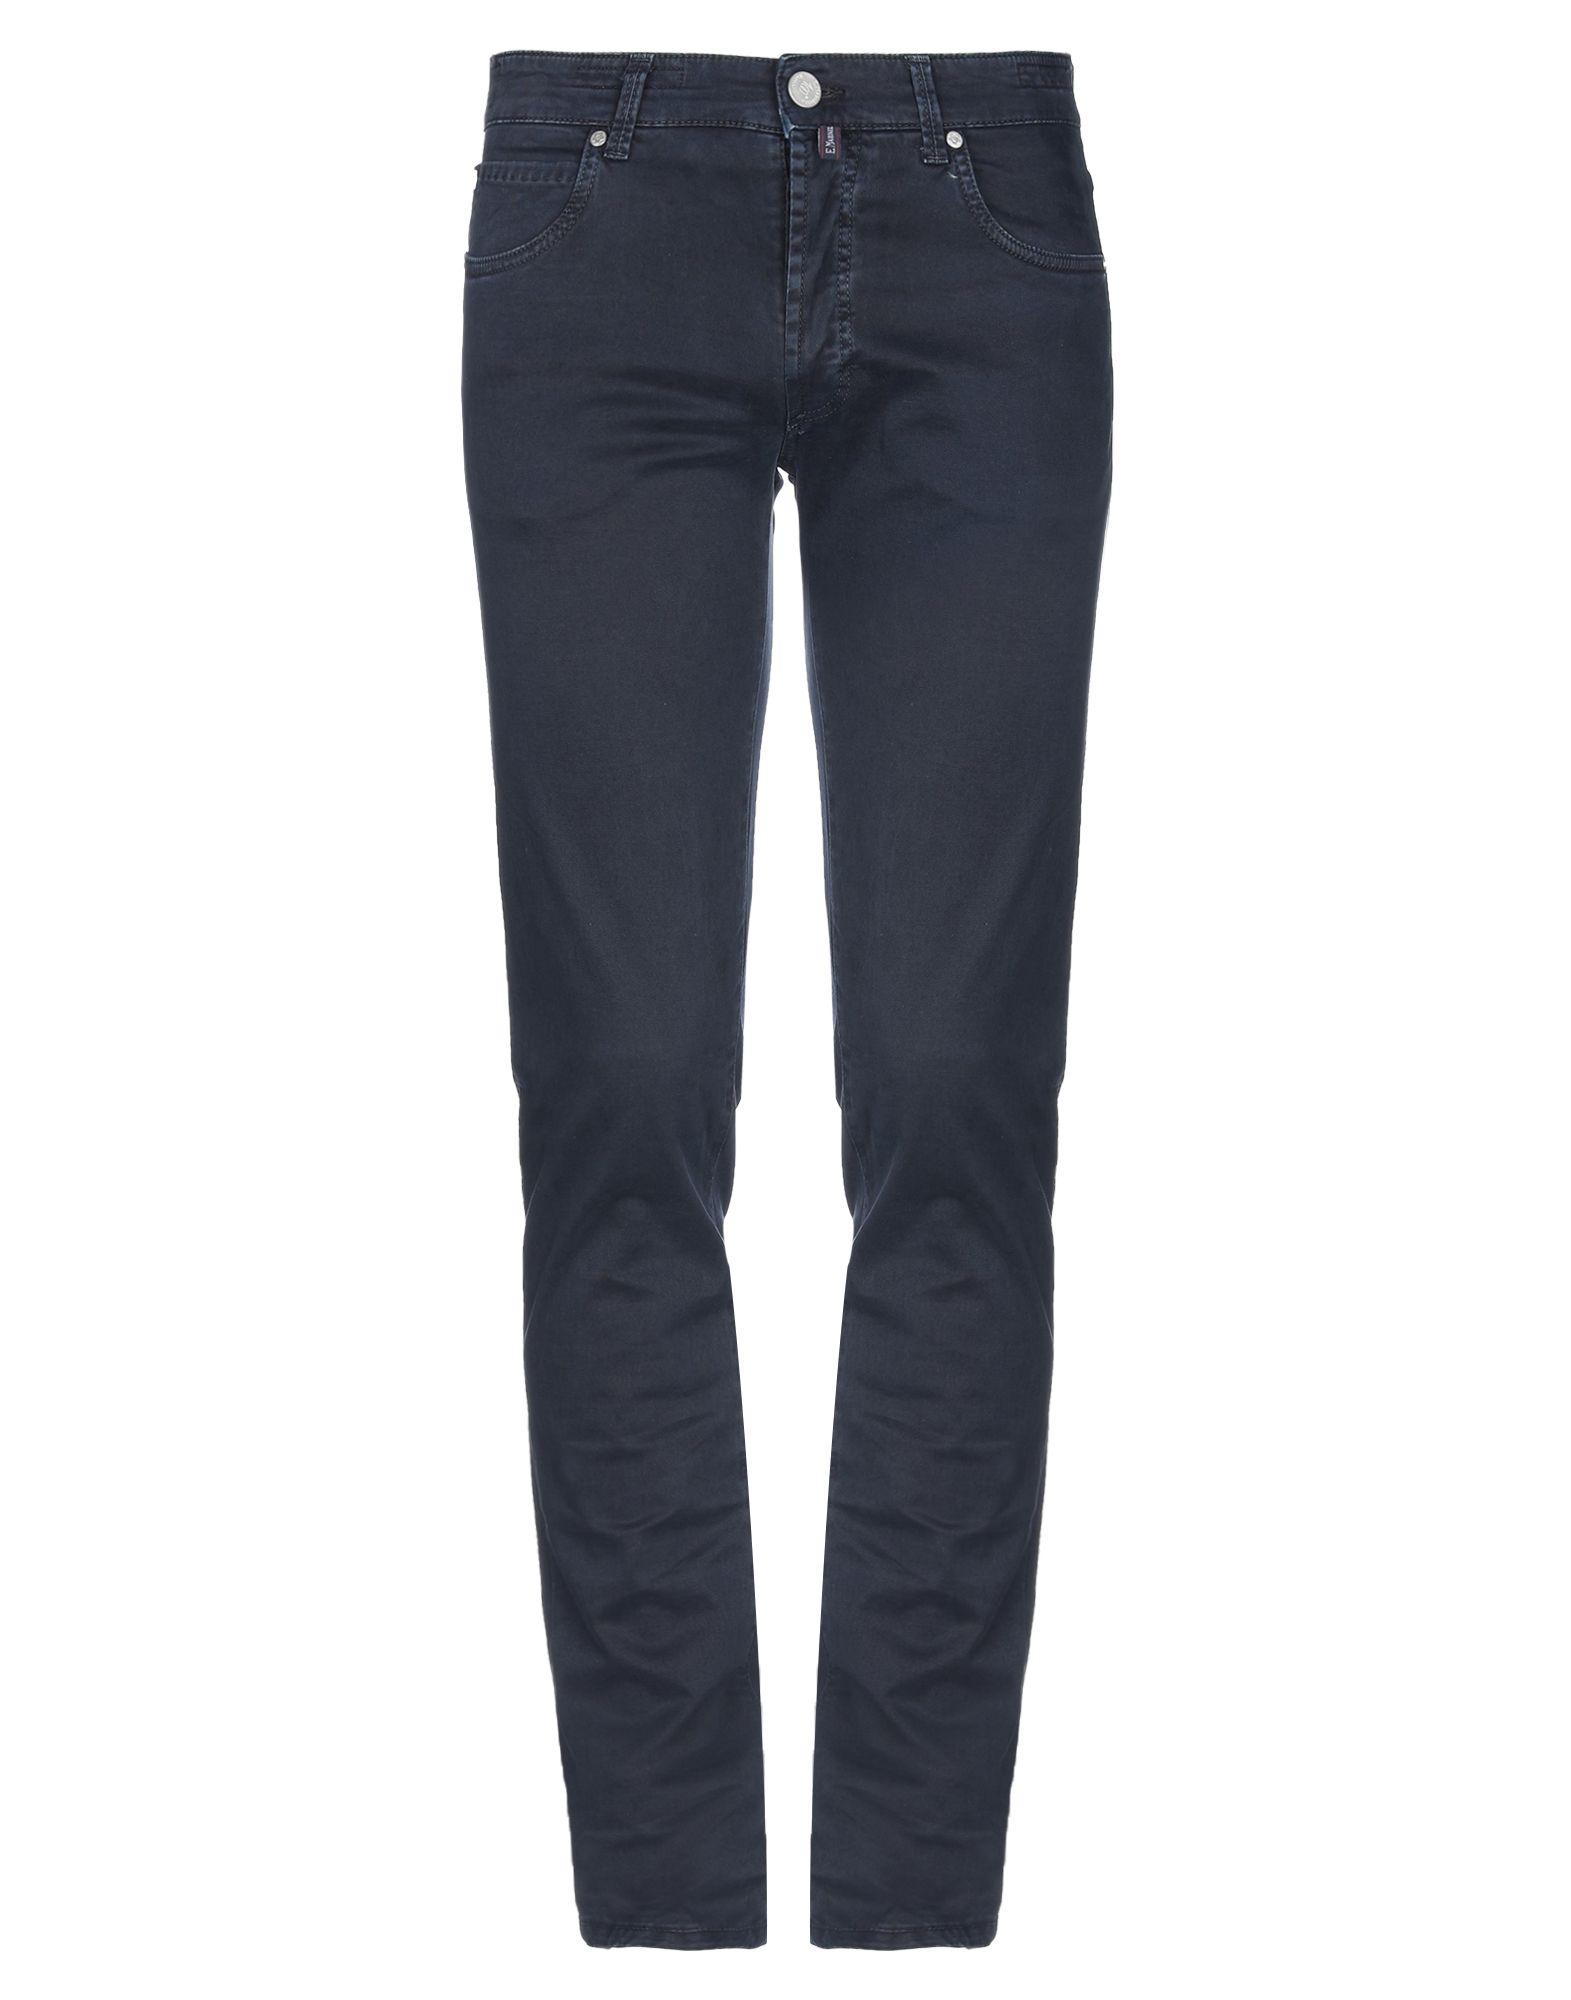 《期間限定 セール開催中》E.MARINELLA メンズ パンツ ダークブルー 31 コットン 98% / ポリウレタン 2%